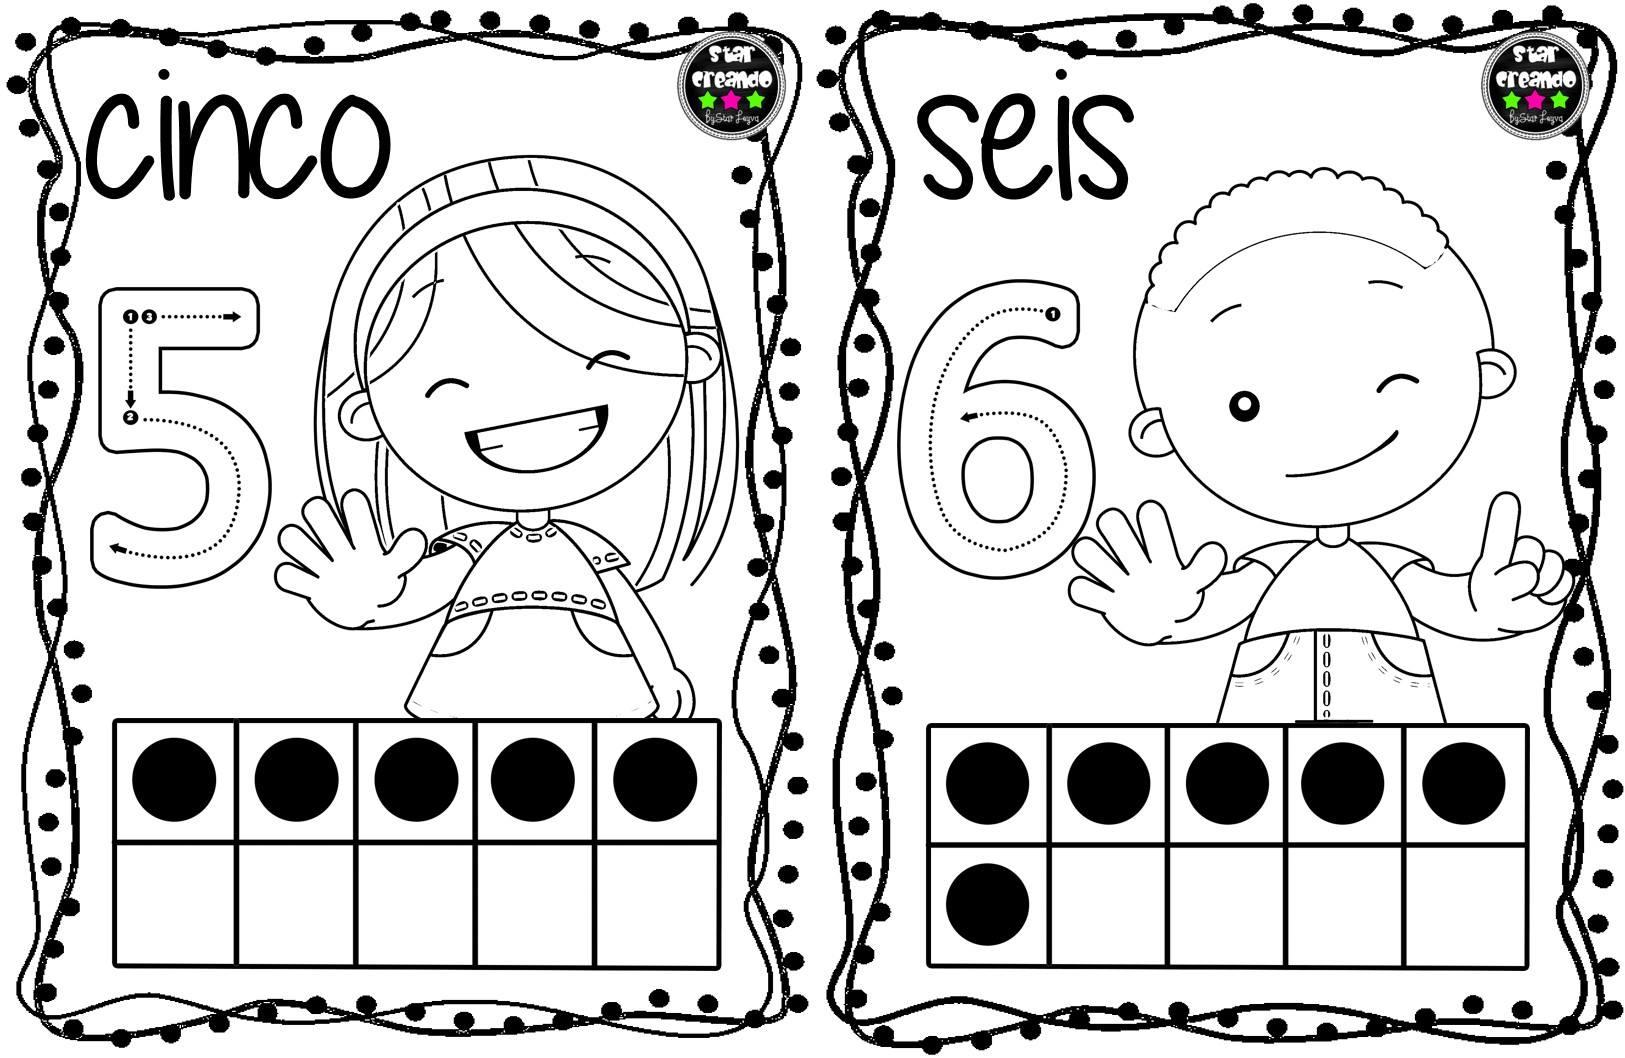 Dibujos Para Colorear Con Numeros Del 1 Al 100: Tarjetas Números Para Colorear (4)